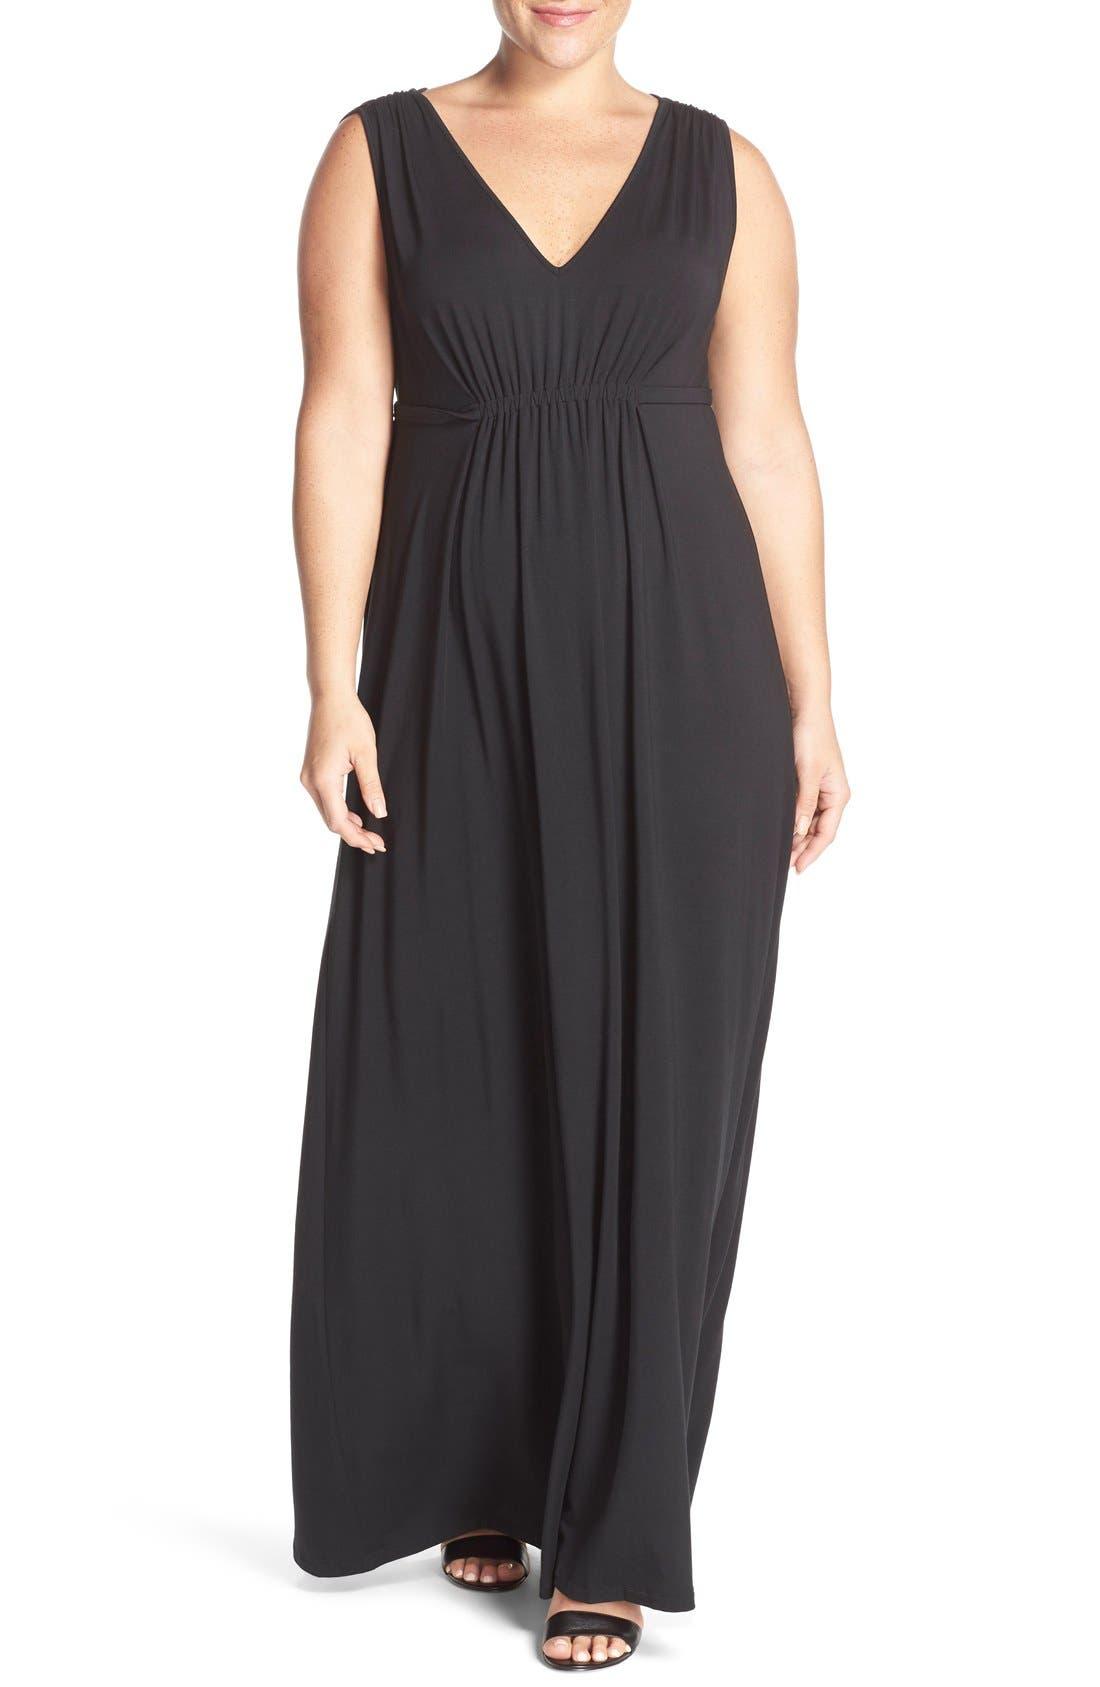 Grecia Sleeveless Jersey Maxi Dress,                             Main thumbnail 1, color,                             Black